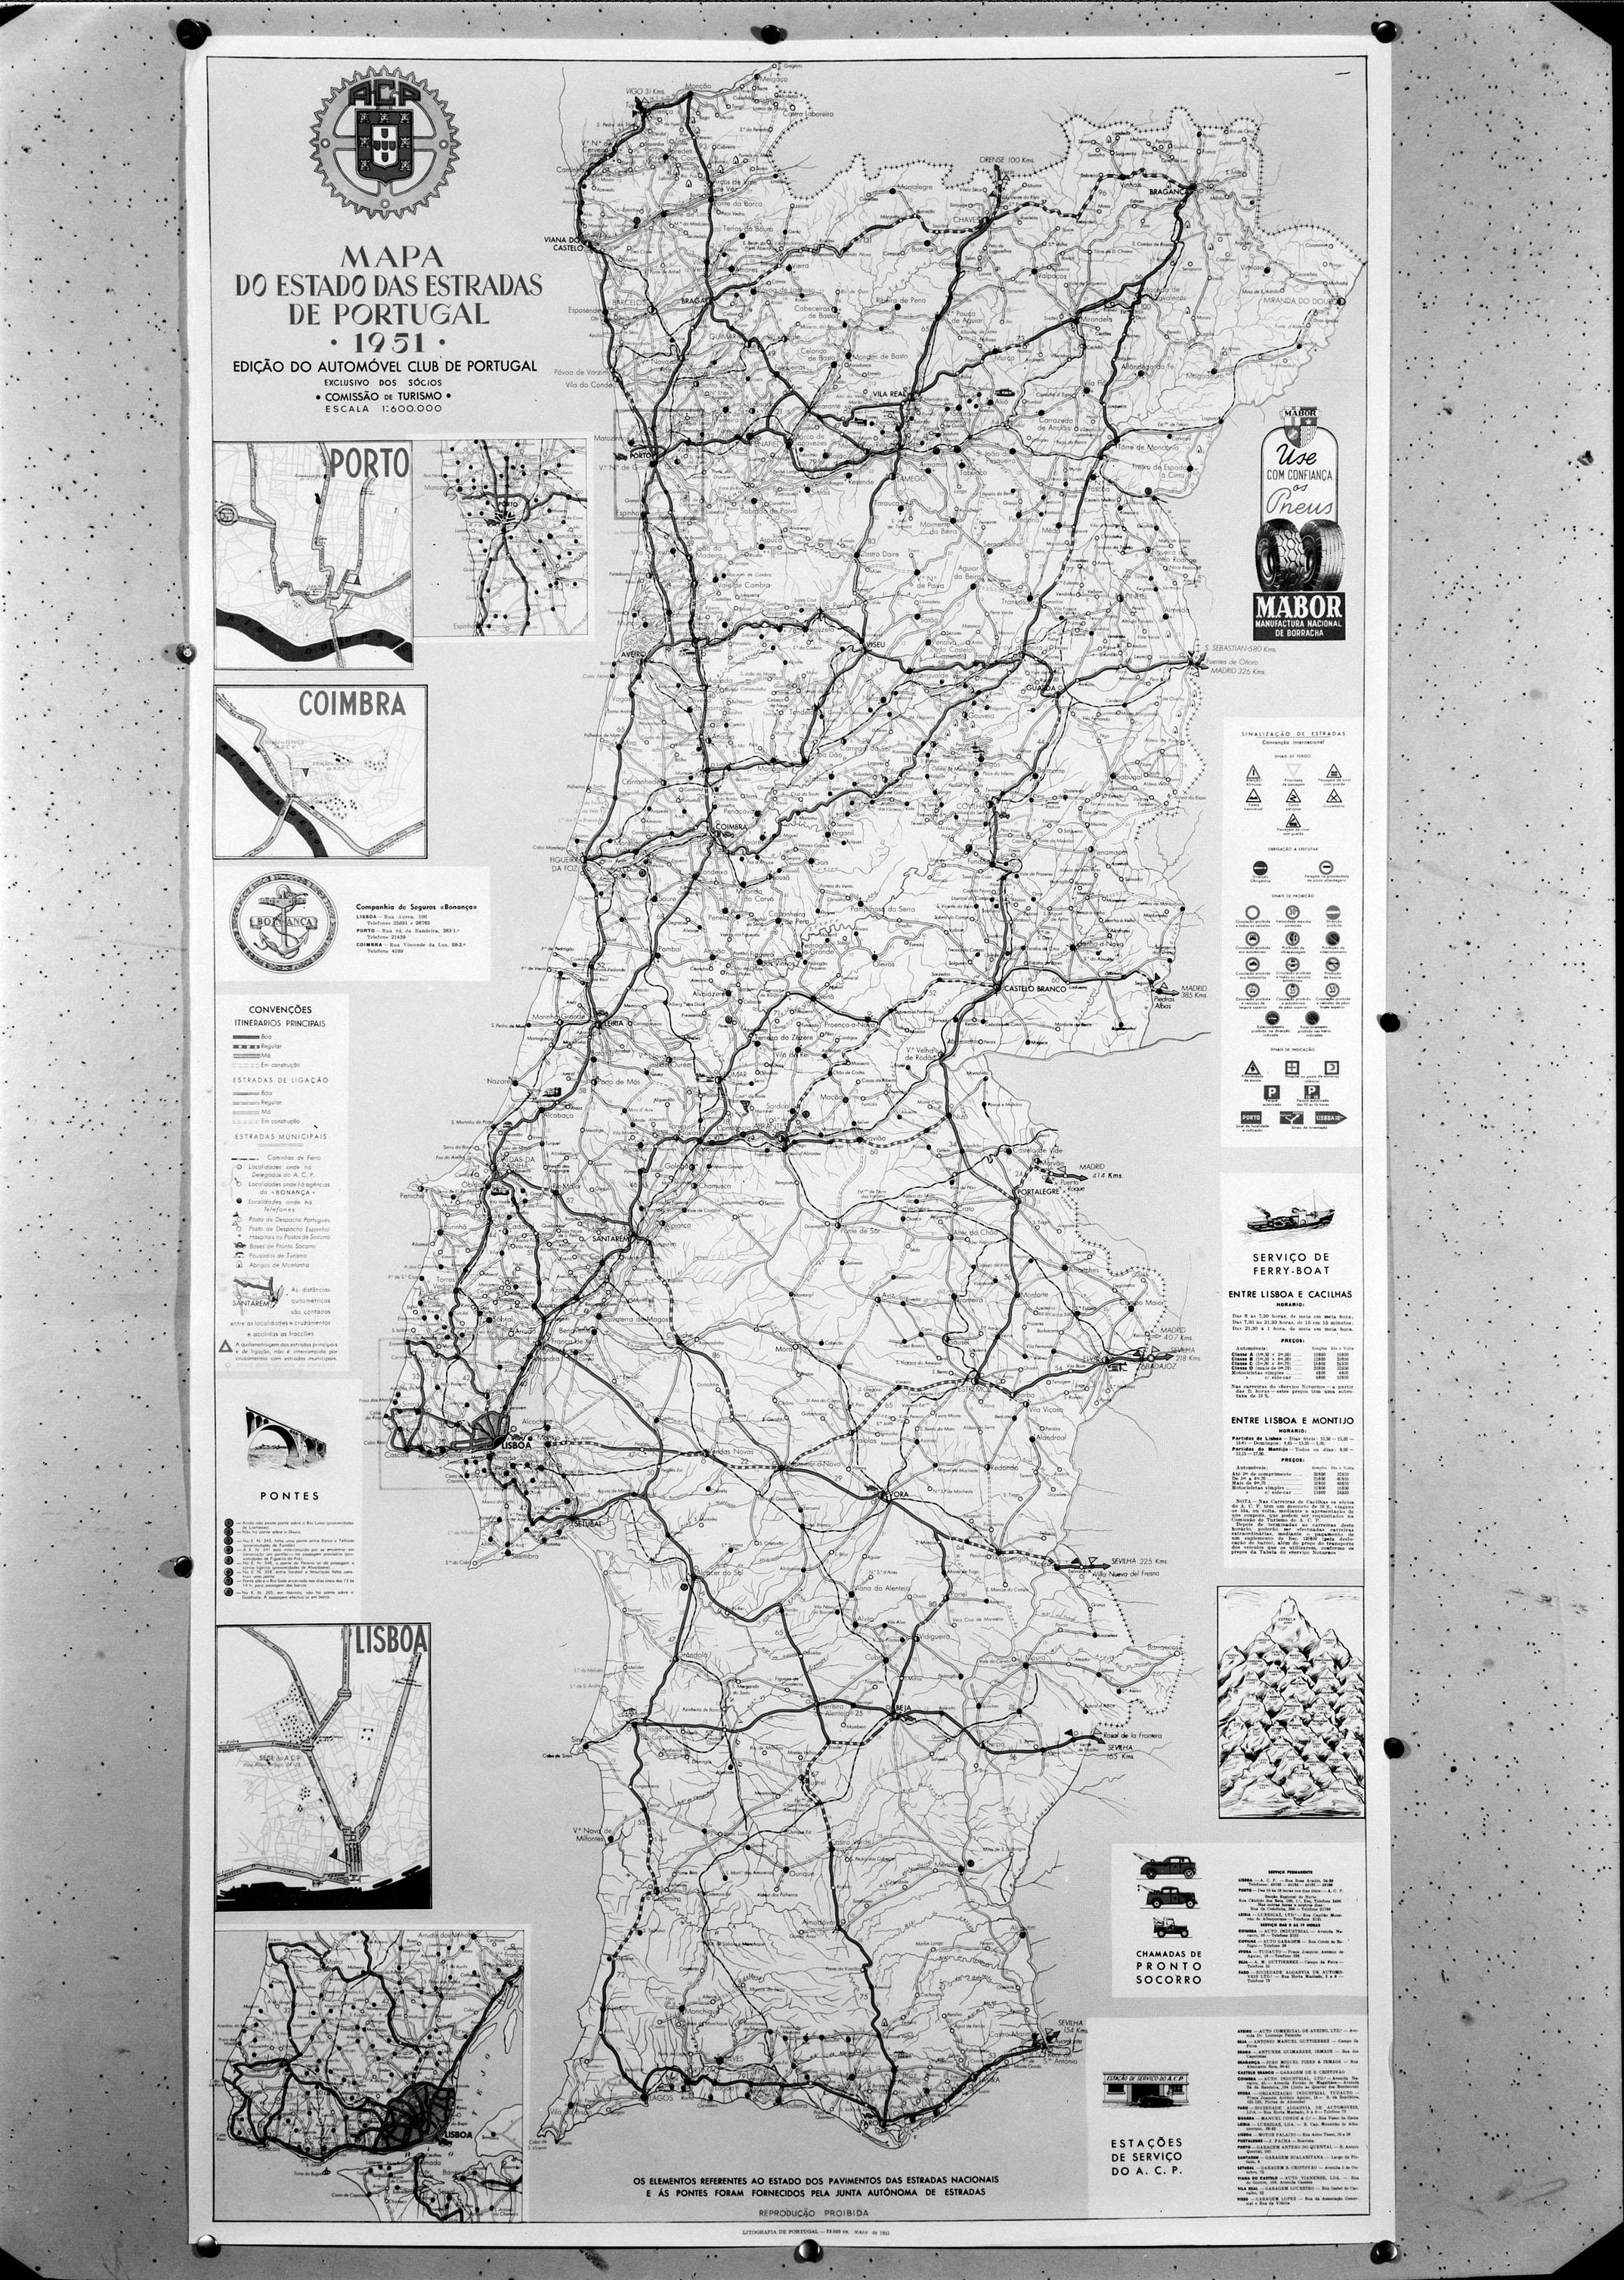 acp mapa de portugal Mapa do estado das estradas de Portugal ○ 1951 ○   Bic Laranja acp mapa de portugal